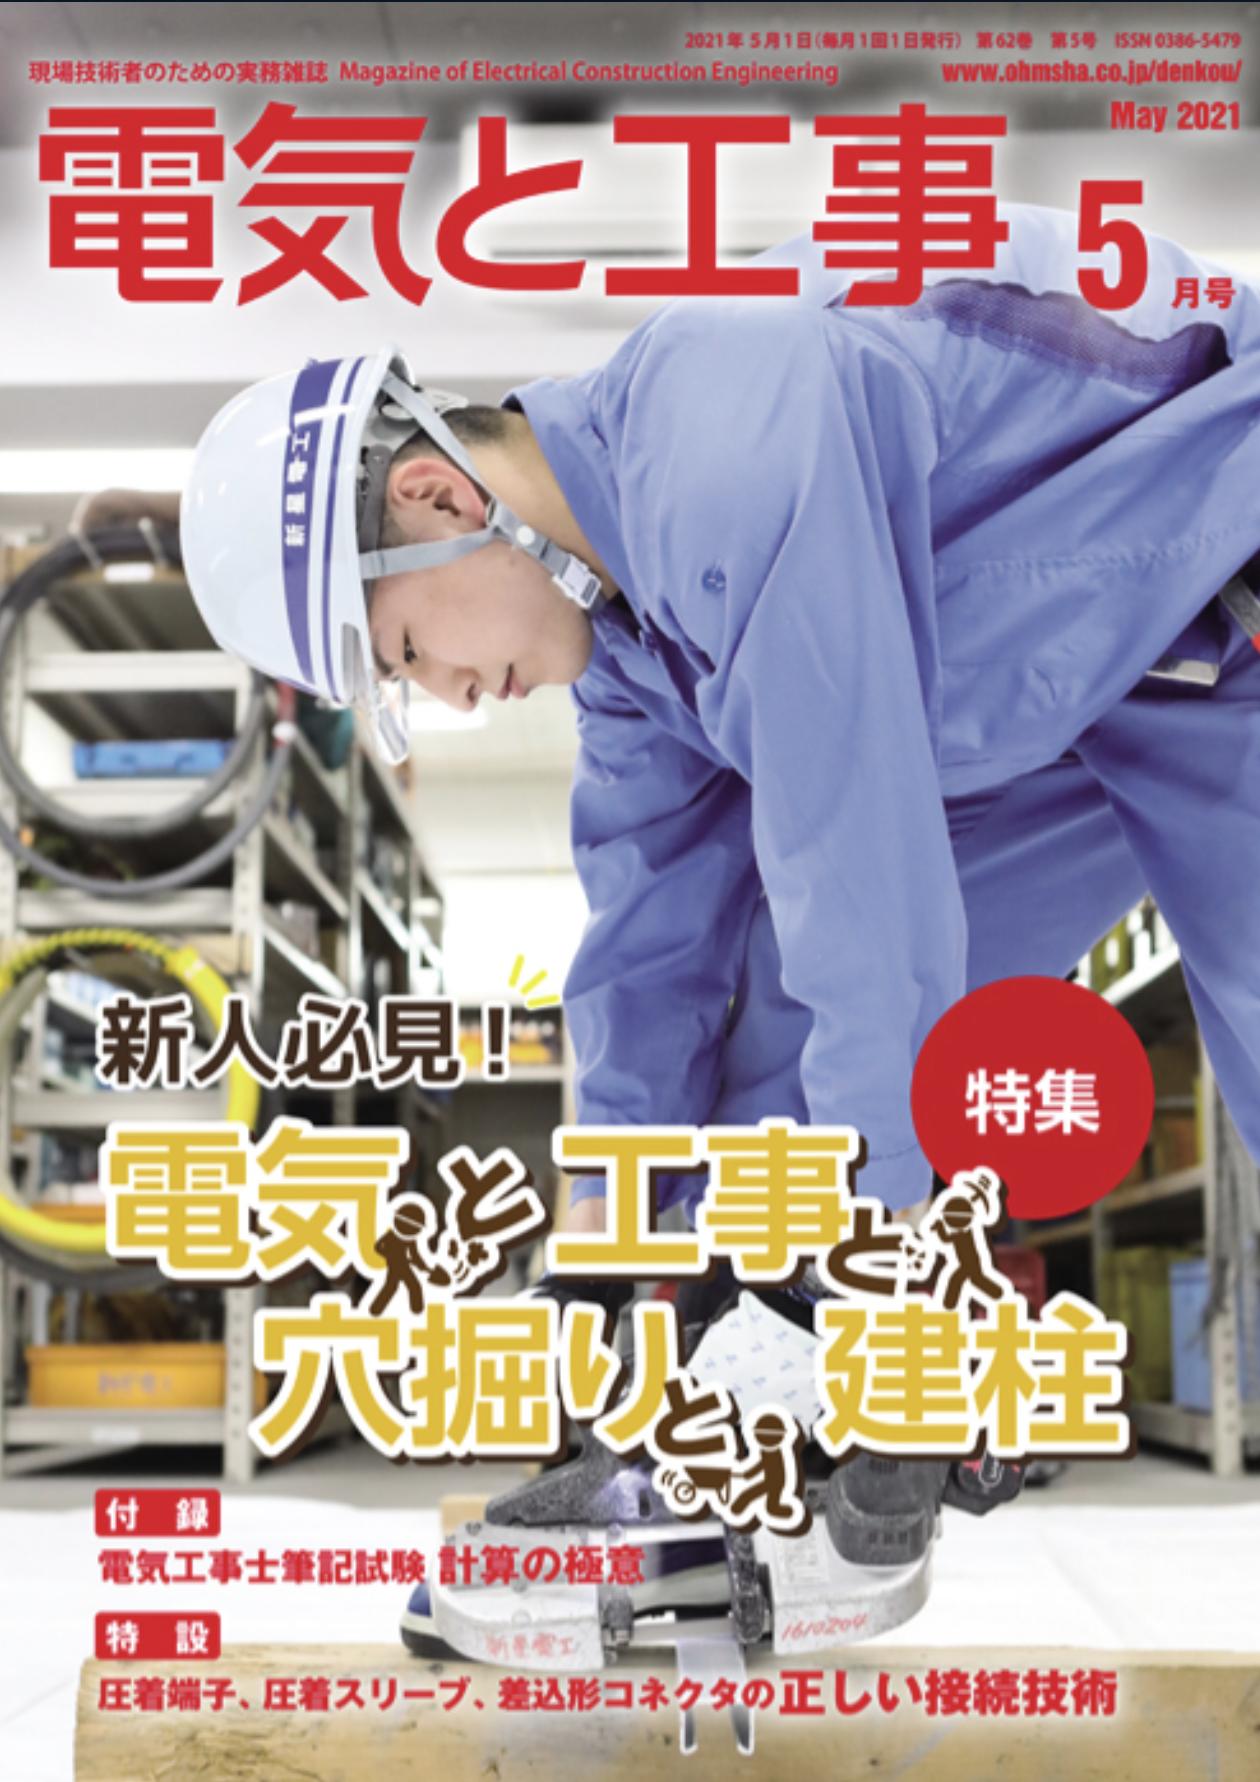 【新刊トピックス 2021年4月】電気と工事 2021年5月号 (第62巻第5号通巻812号)の画像